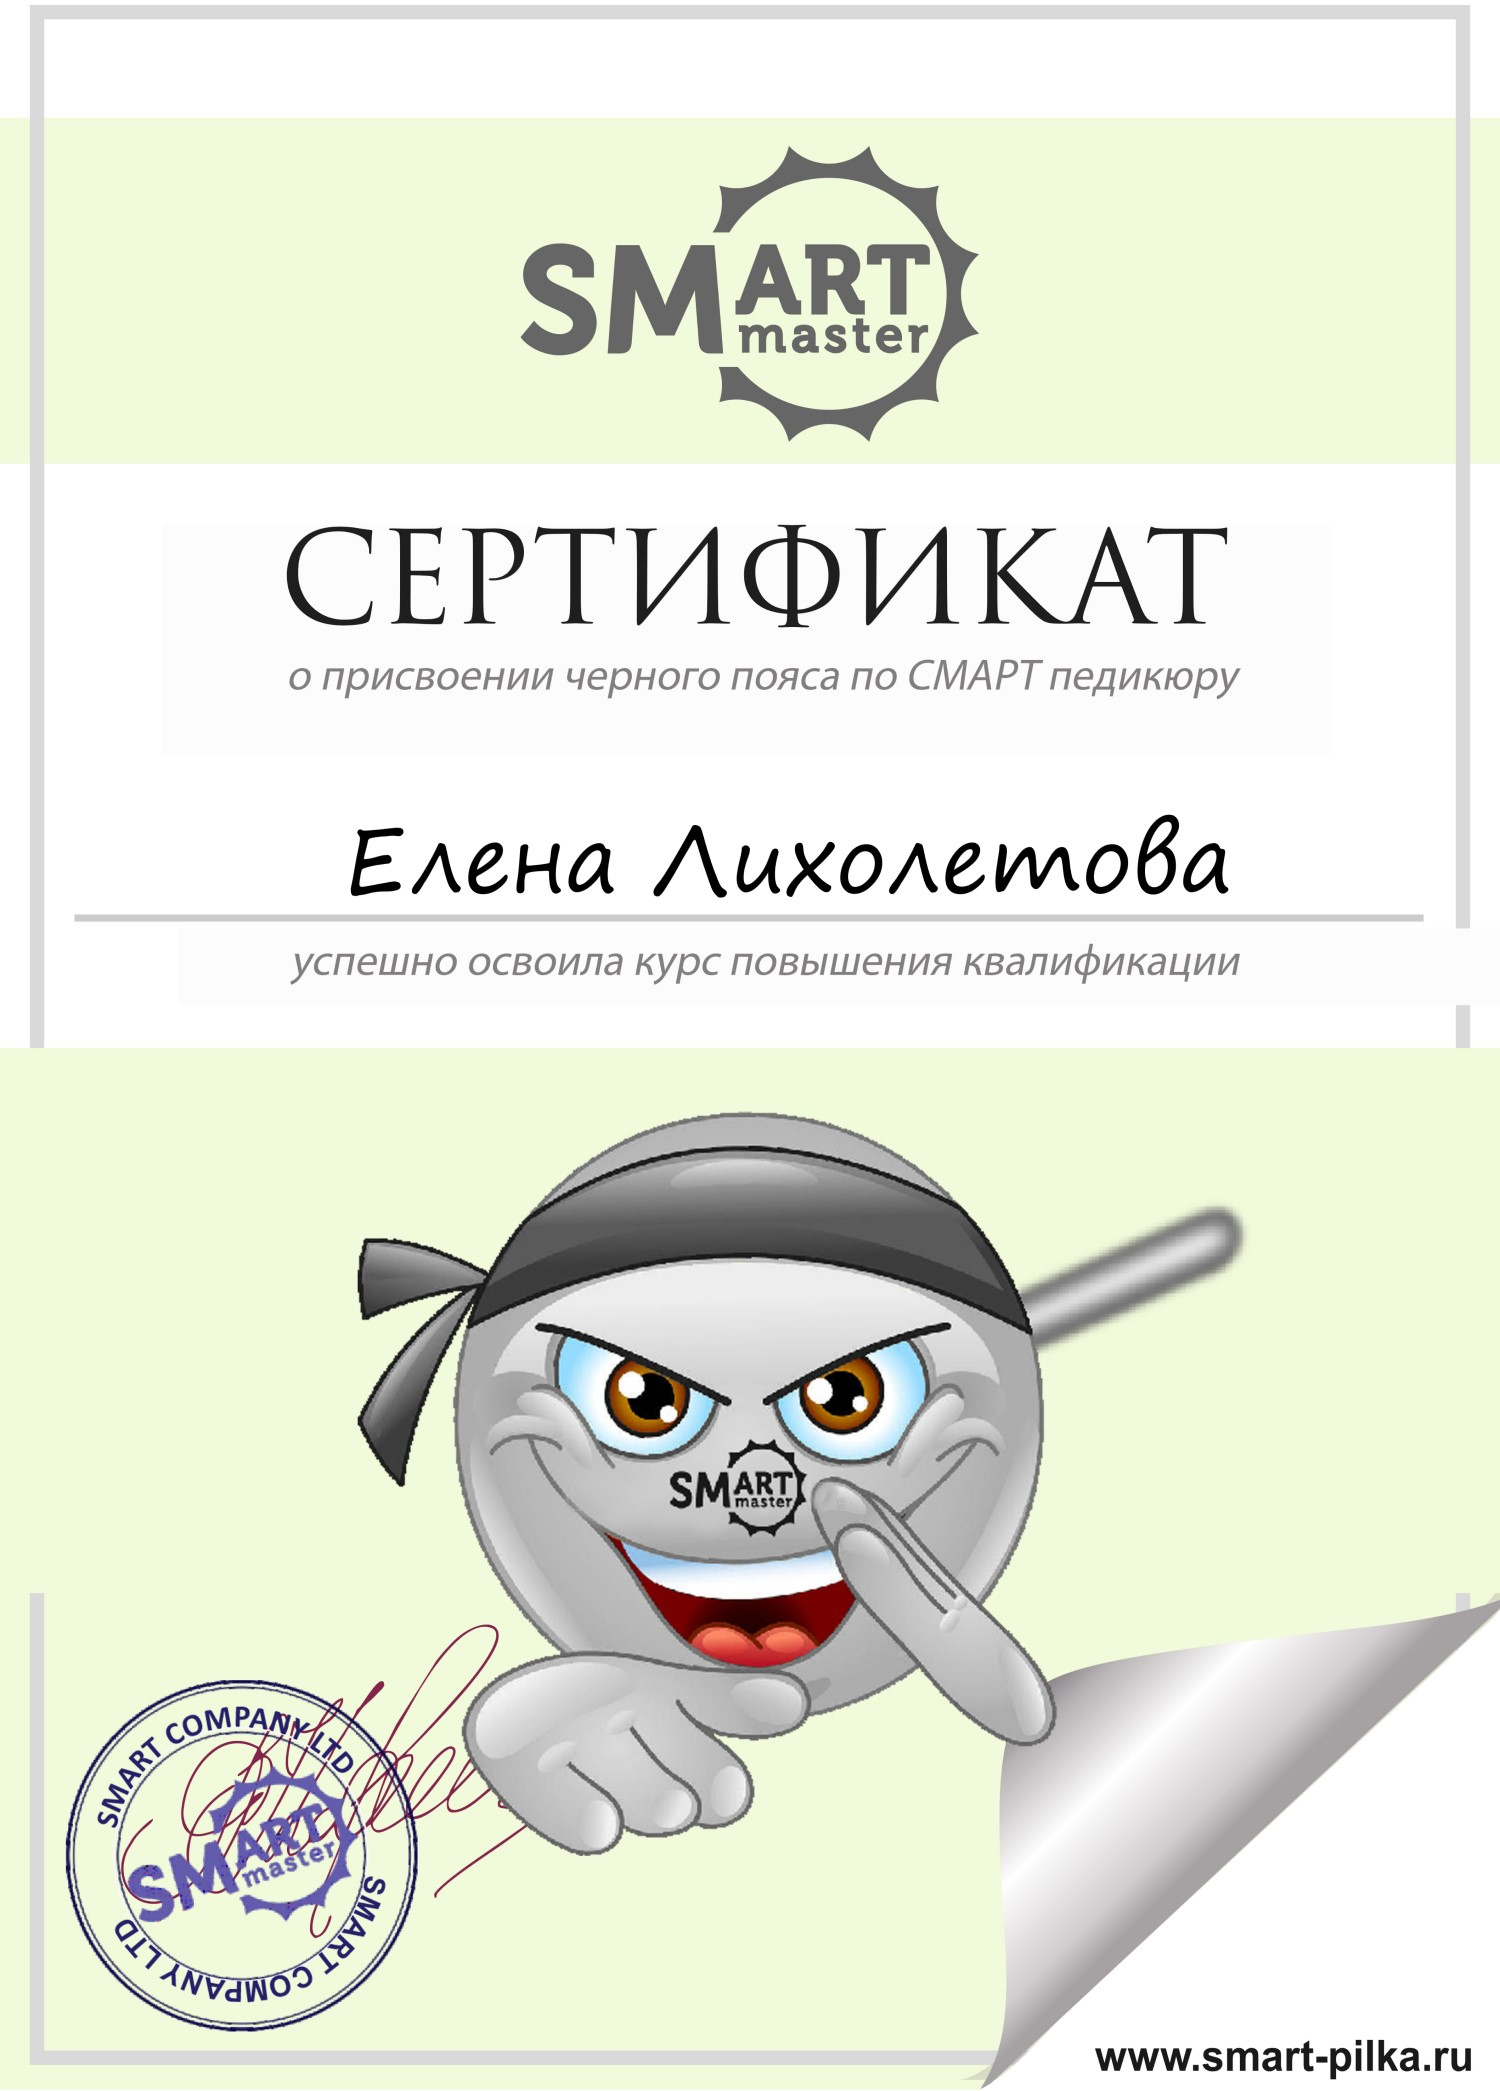 Лихолетова Смарт пилка сертификат